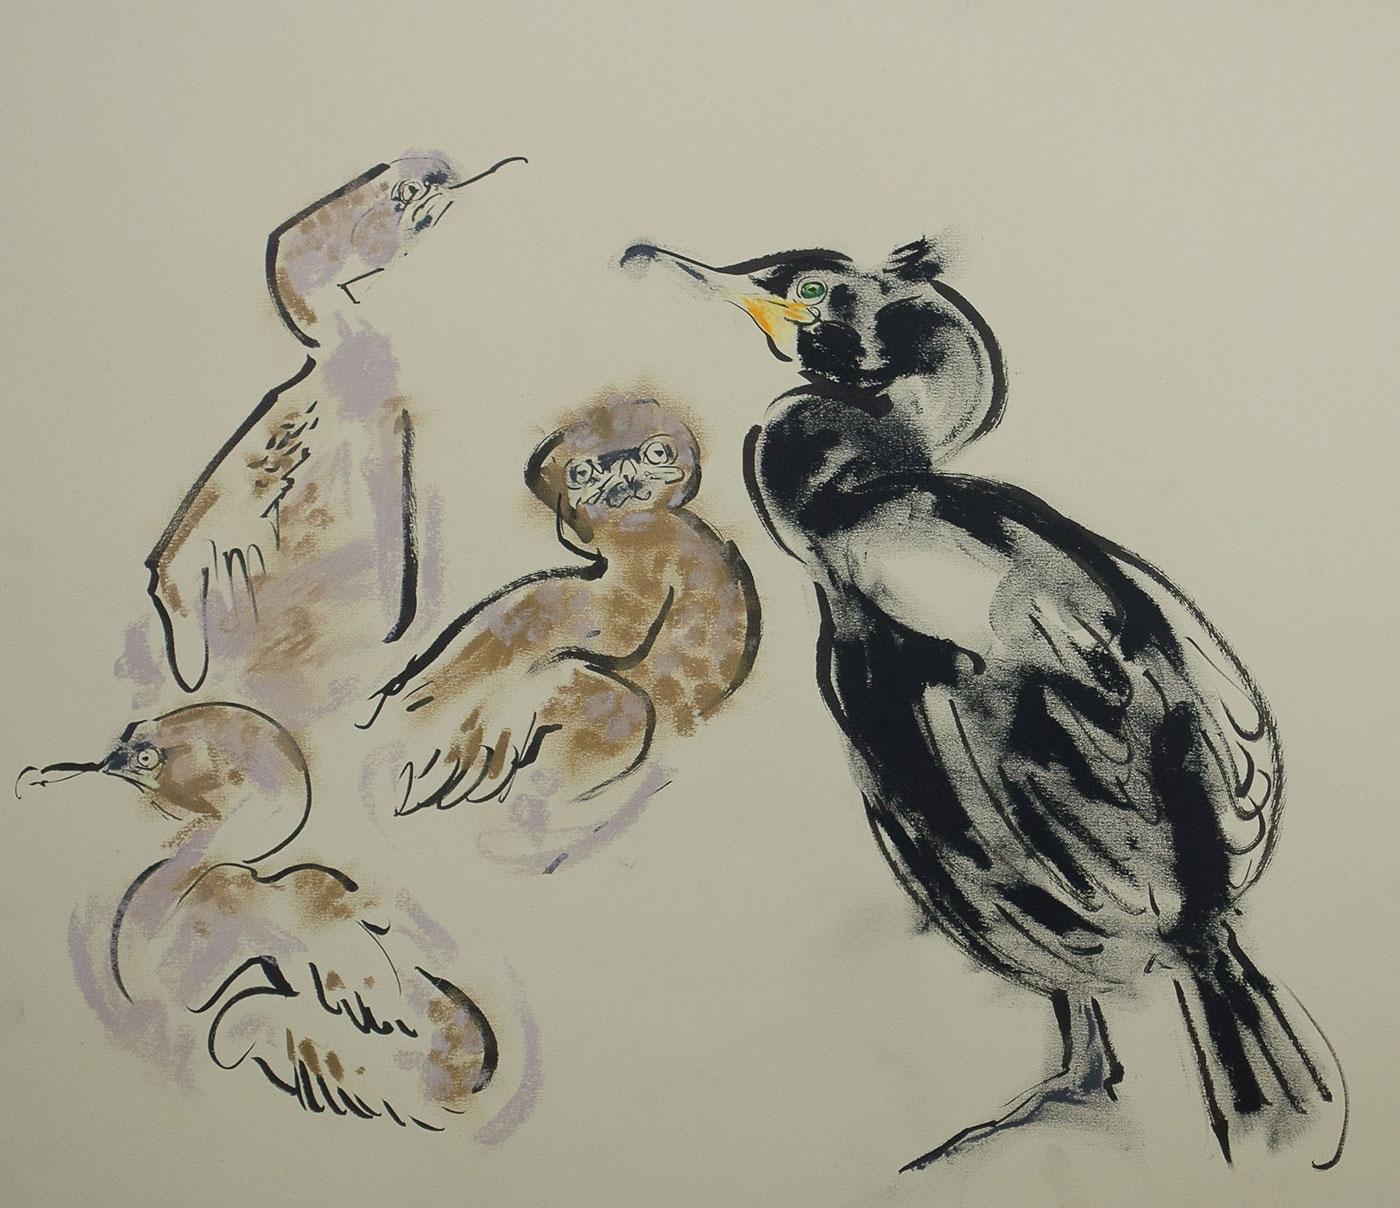 <p><em>Shag with chicks </em>by Wynona Legg</p>